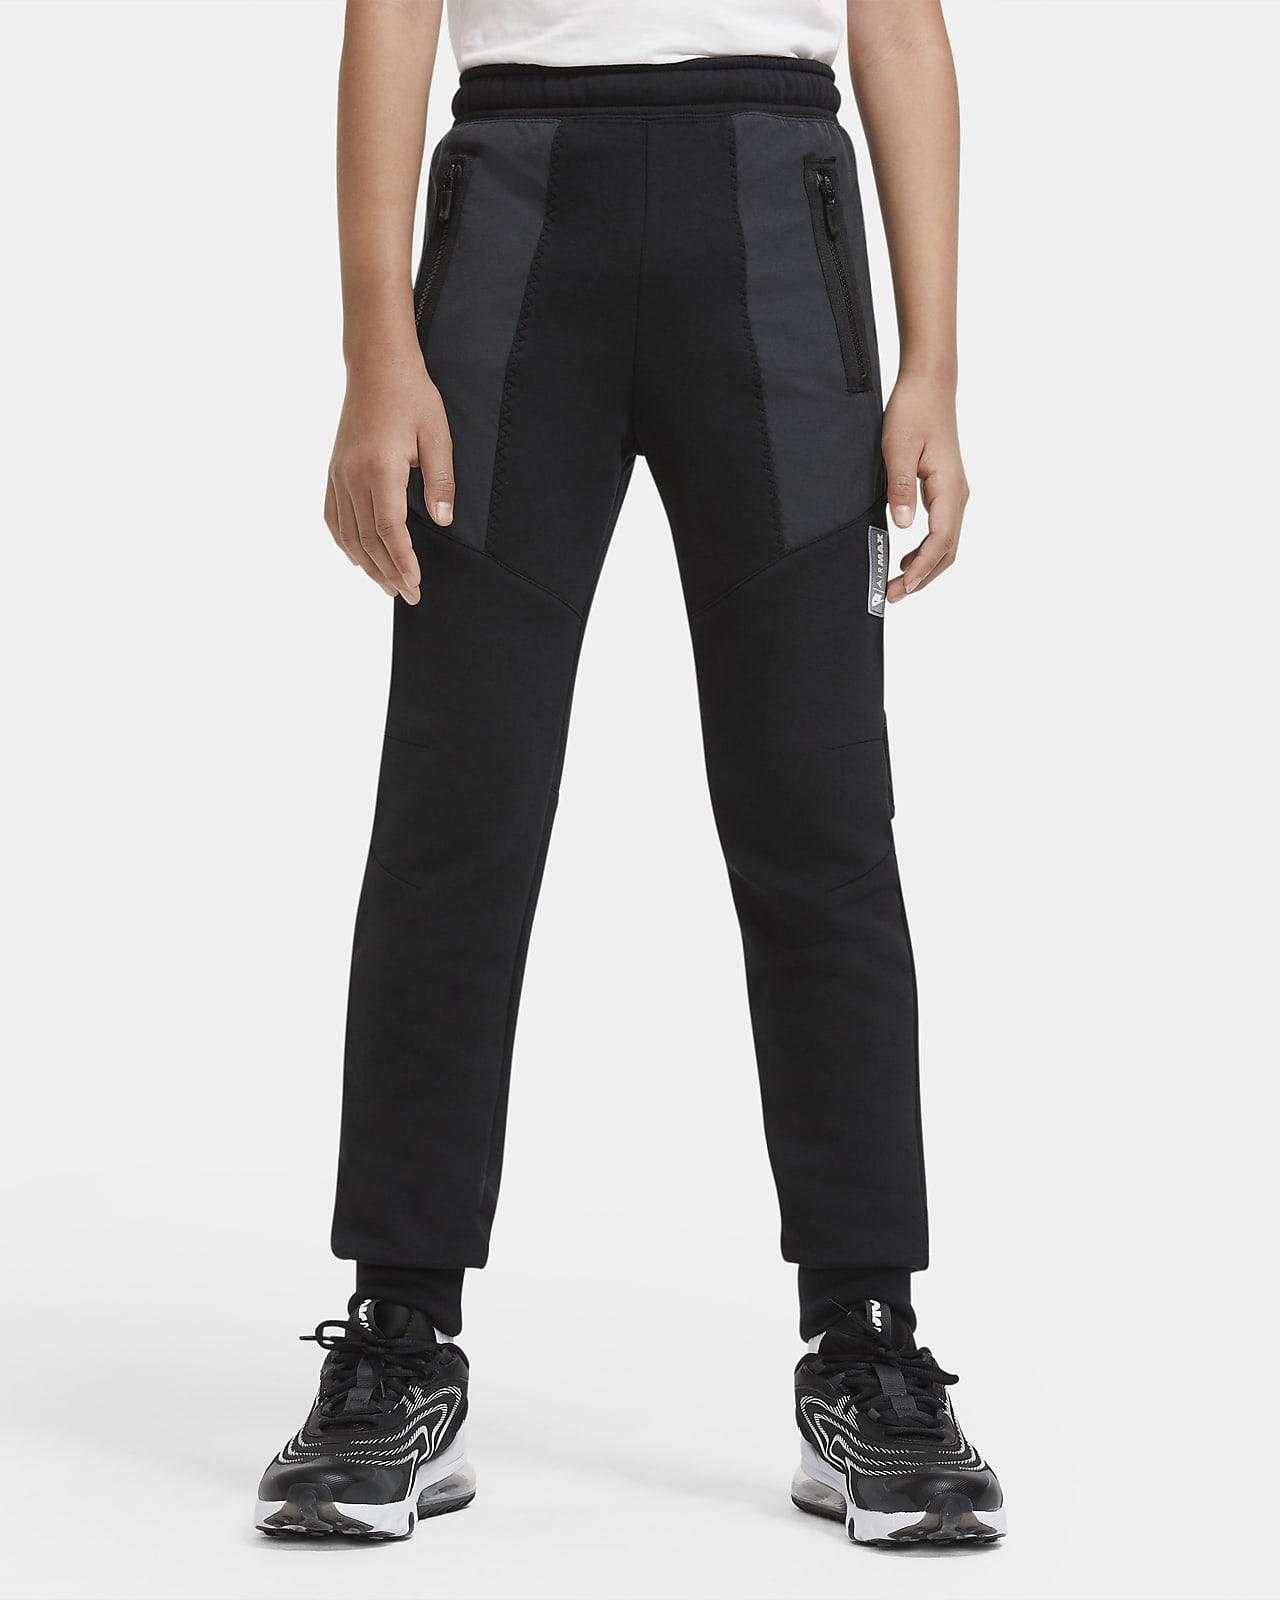 Pantalon en tissu Fleece Nike Sportswear Air Max pour Garçon plus âgé